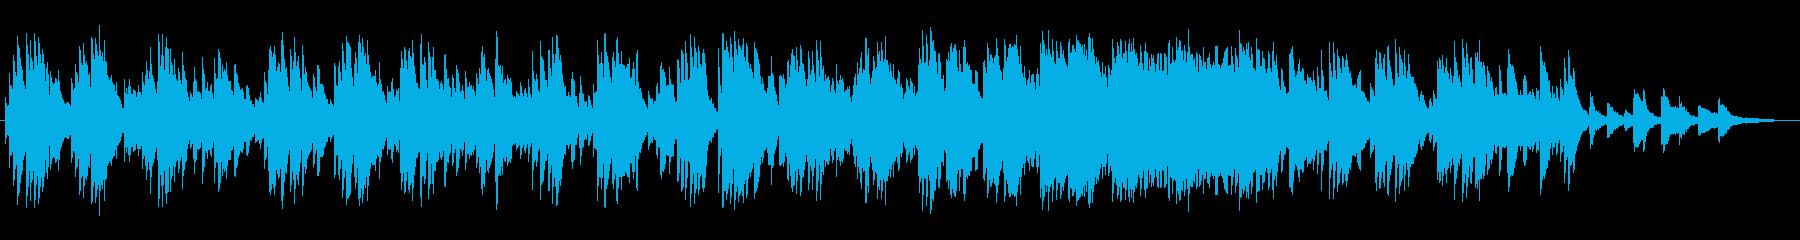 ゆっくりなピアノとシンセのバラードの再生済みの波形